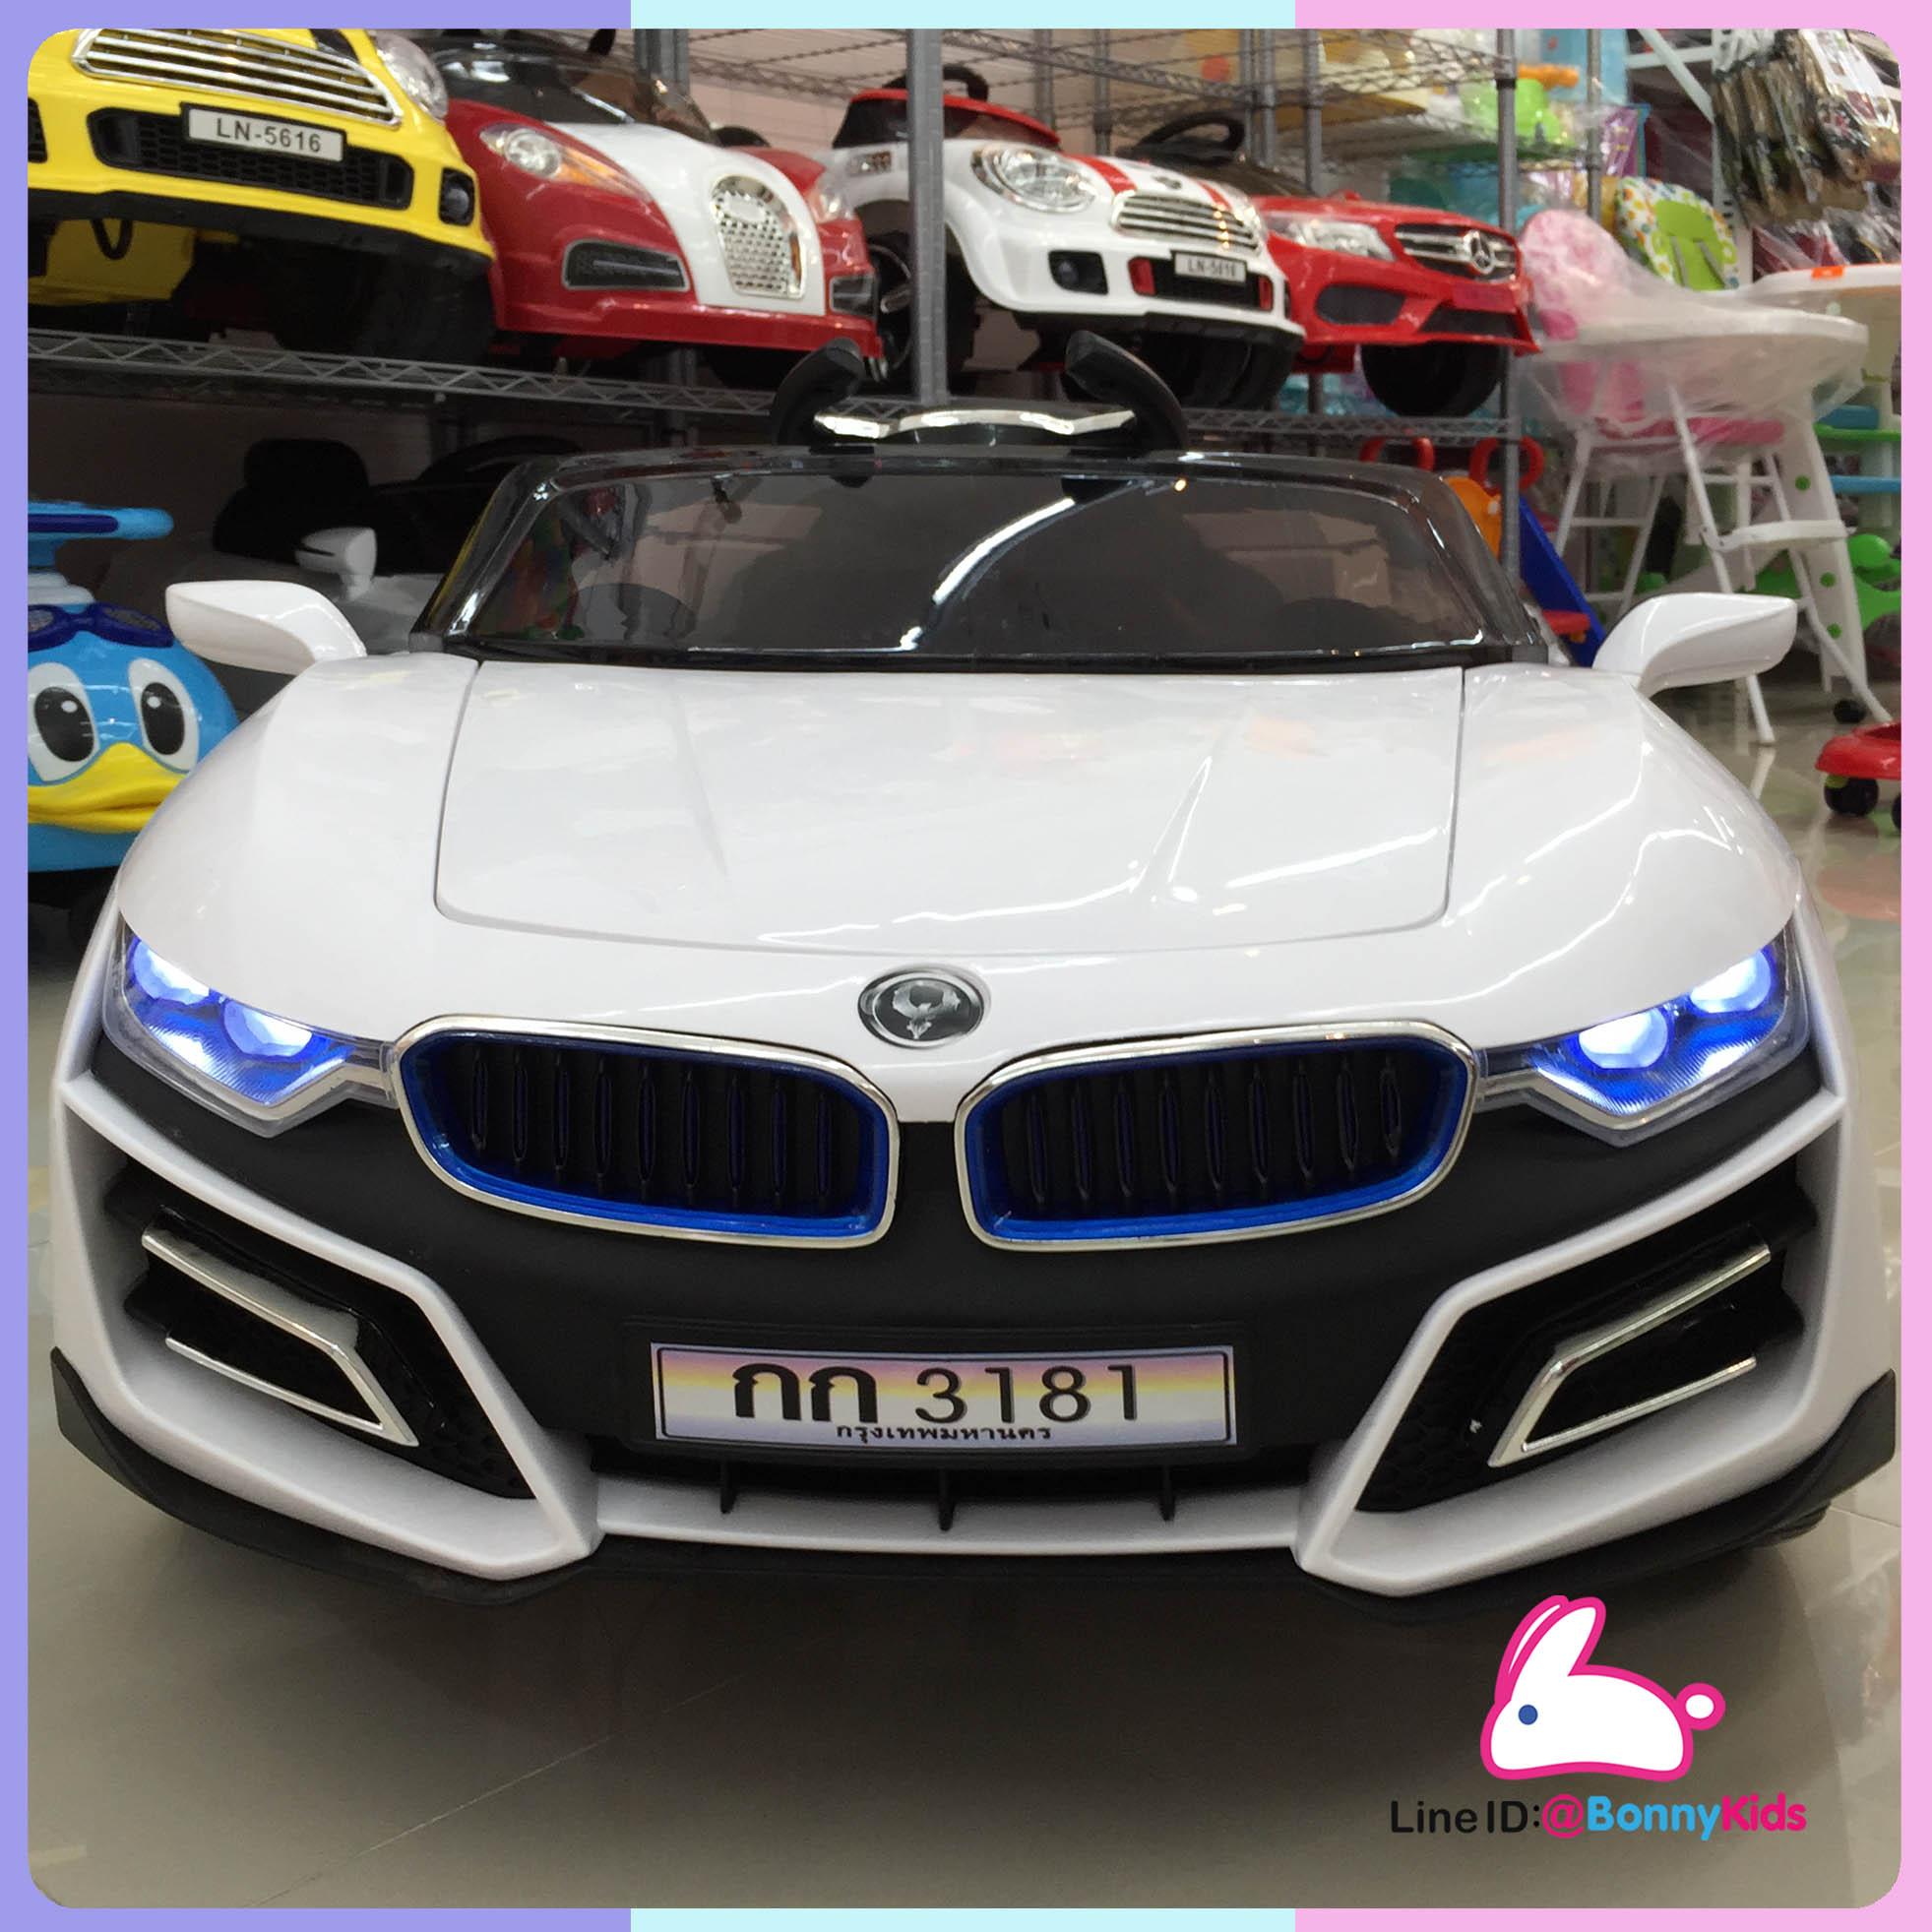 รถแบตเตอรี่เด็ก BMW I8 สีขาว 2 มอเตอร์เปิดประตูได้ มีรีโมท หรือบังคับเองได้